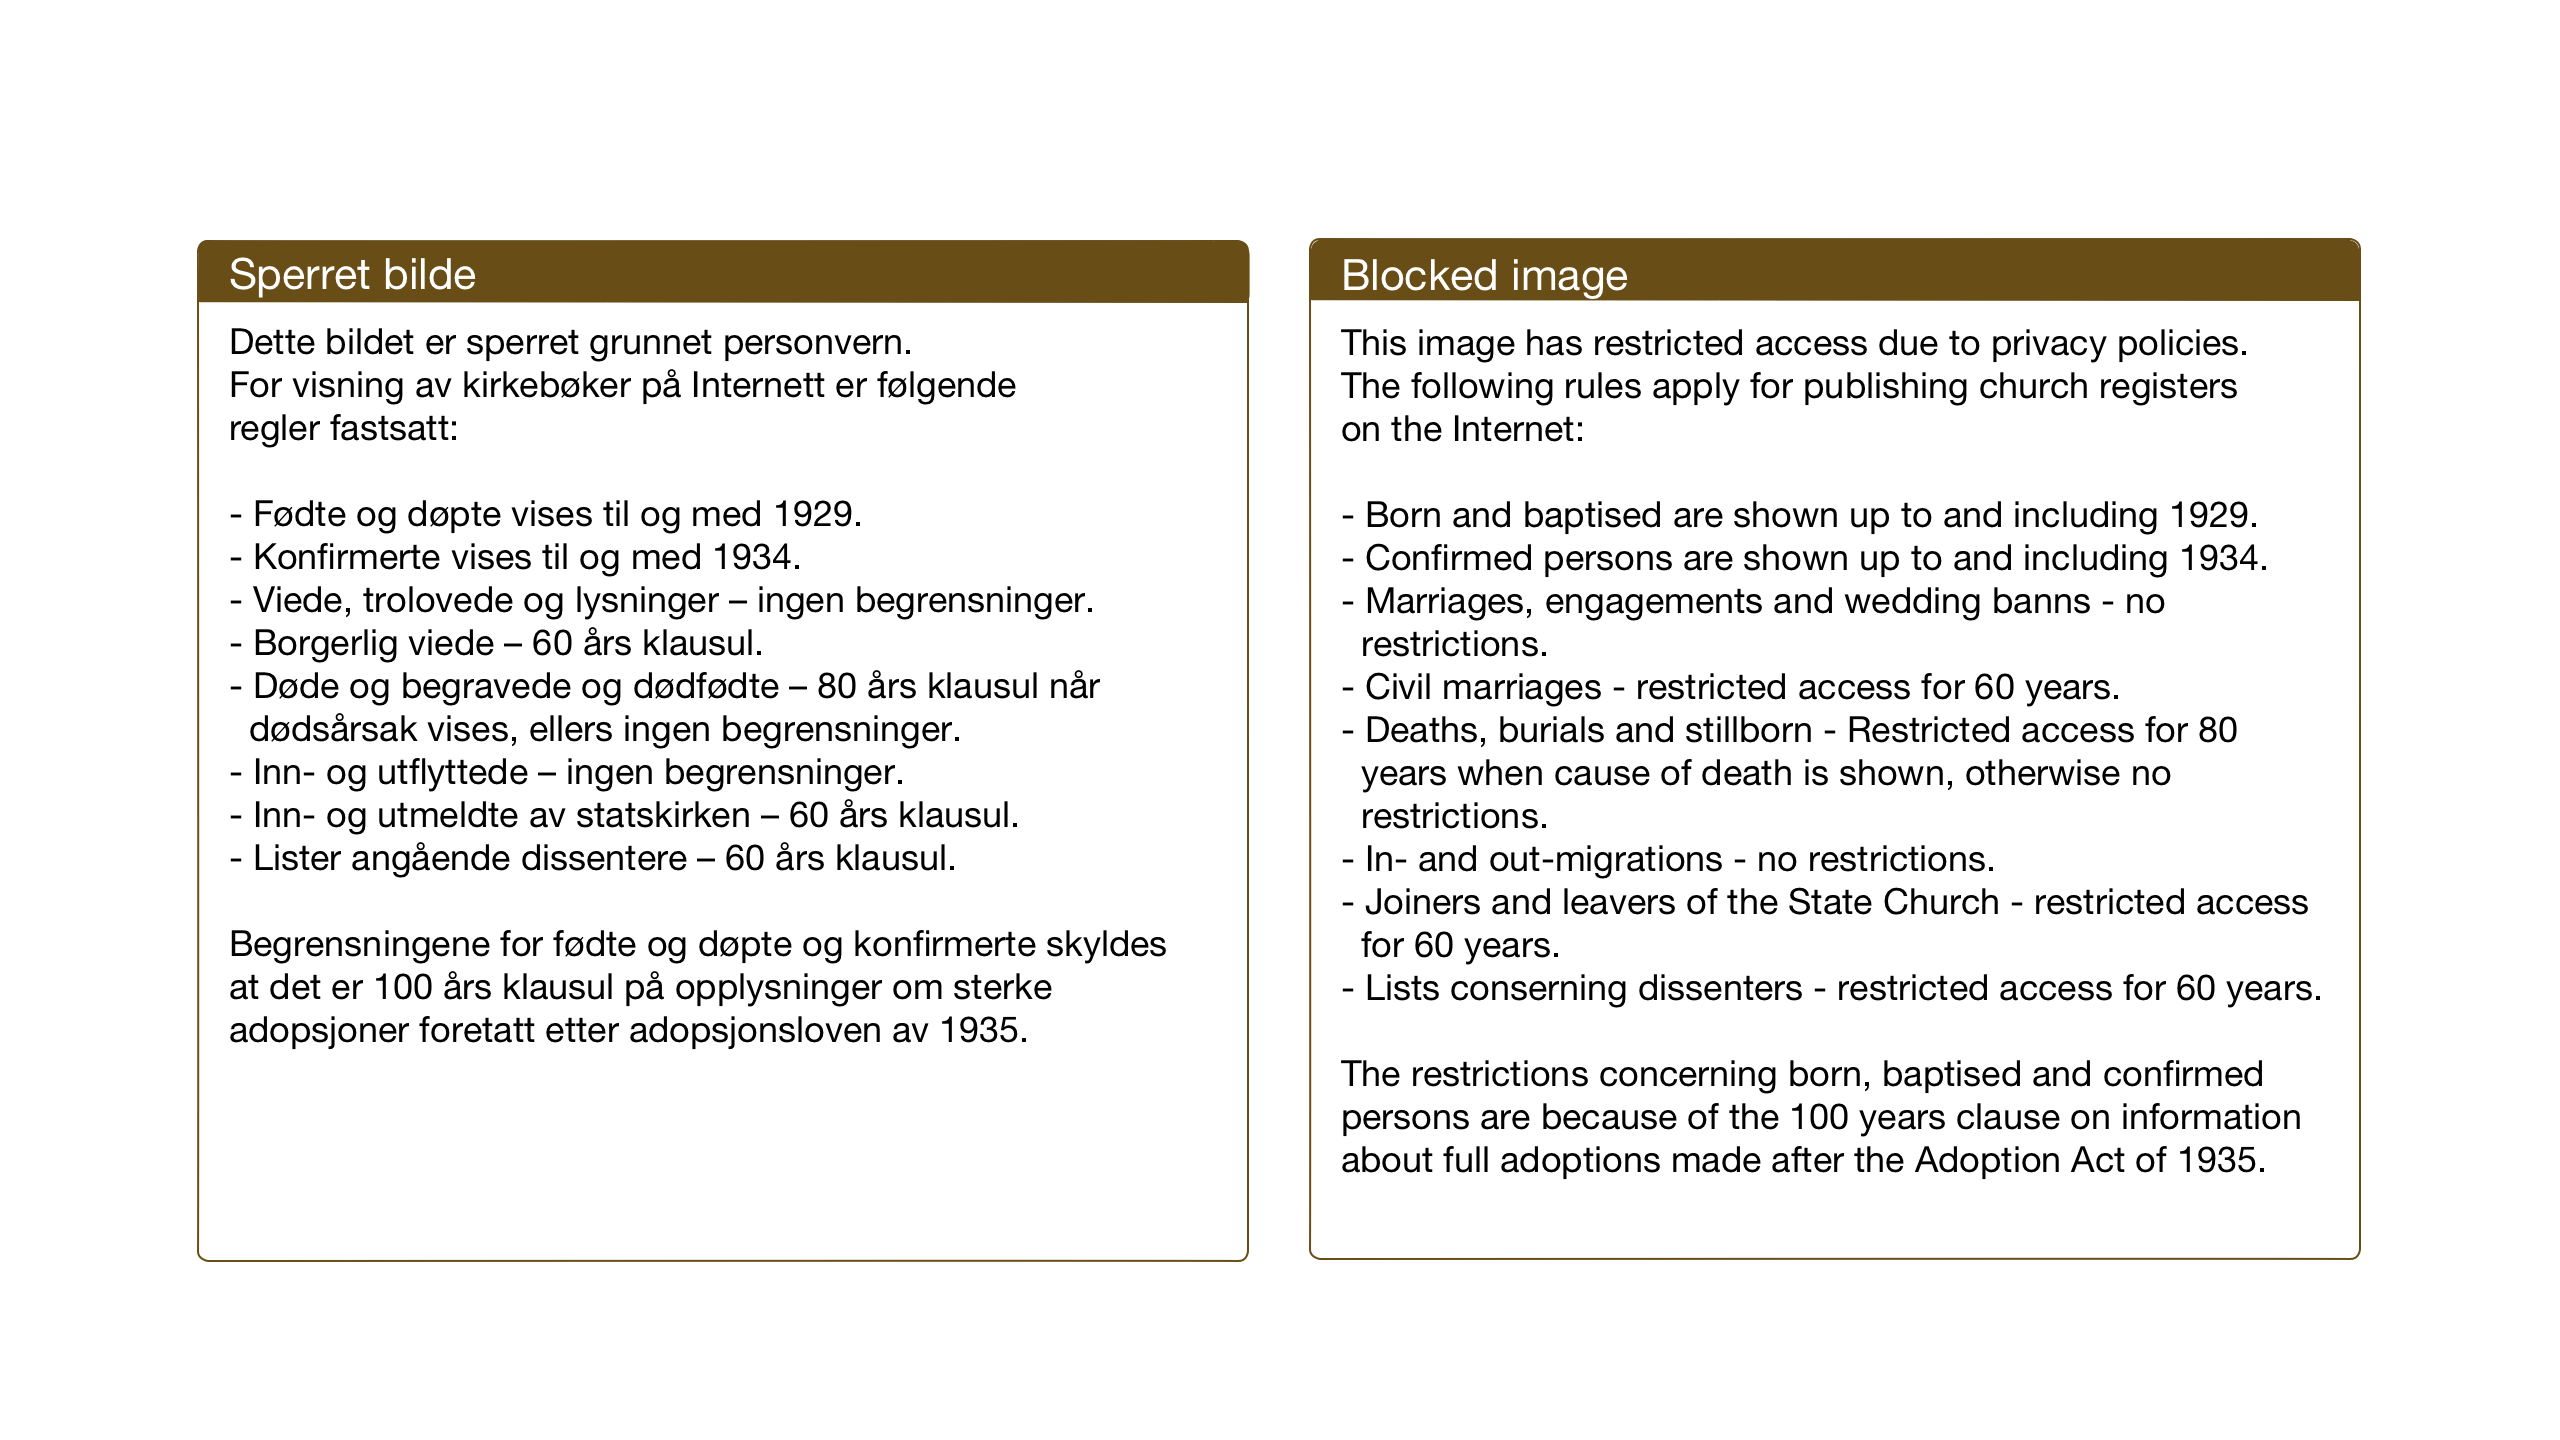 SAT, Ministerialprotokoller, klokkerbøker og fødselsregistre - Nord-Trøndelag, 709/L0088: Klokkerbok nr. 709C02, 1914-1934, s. 88